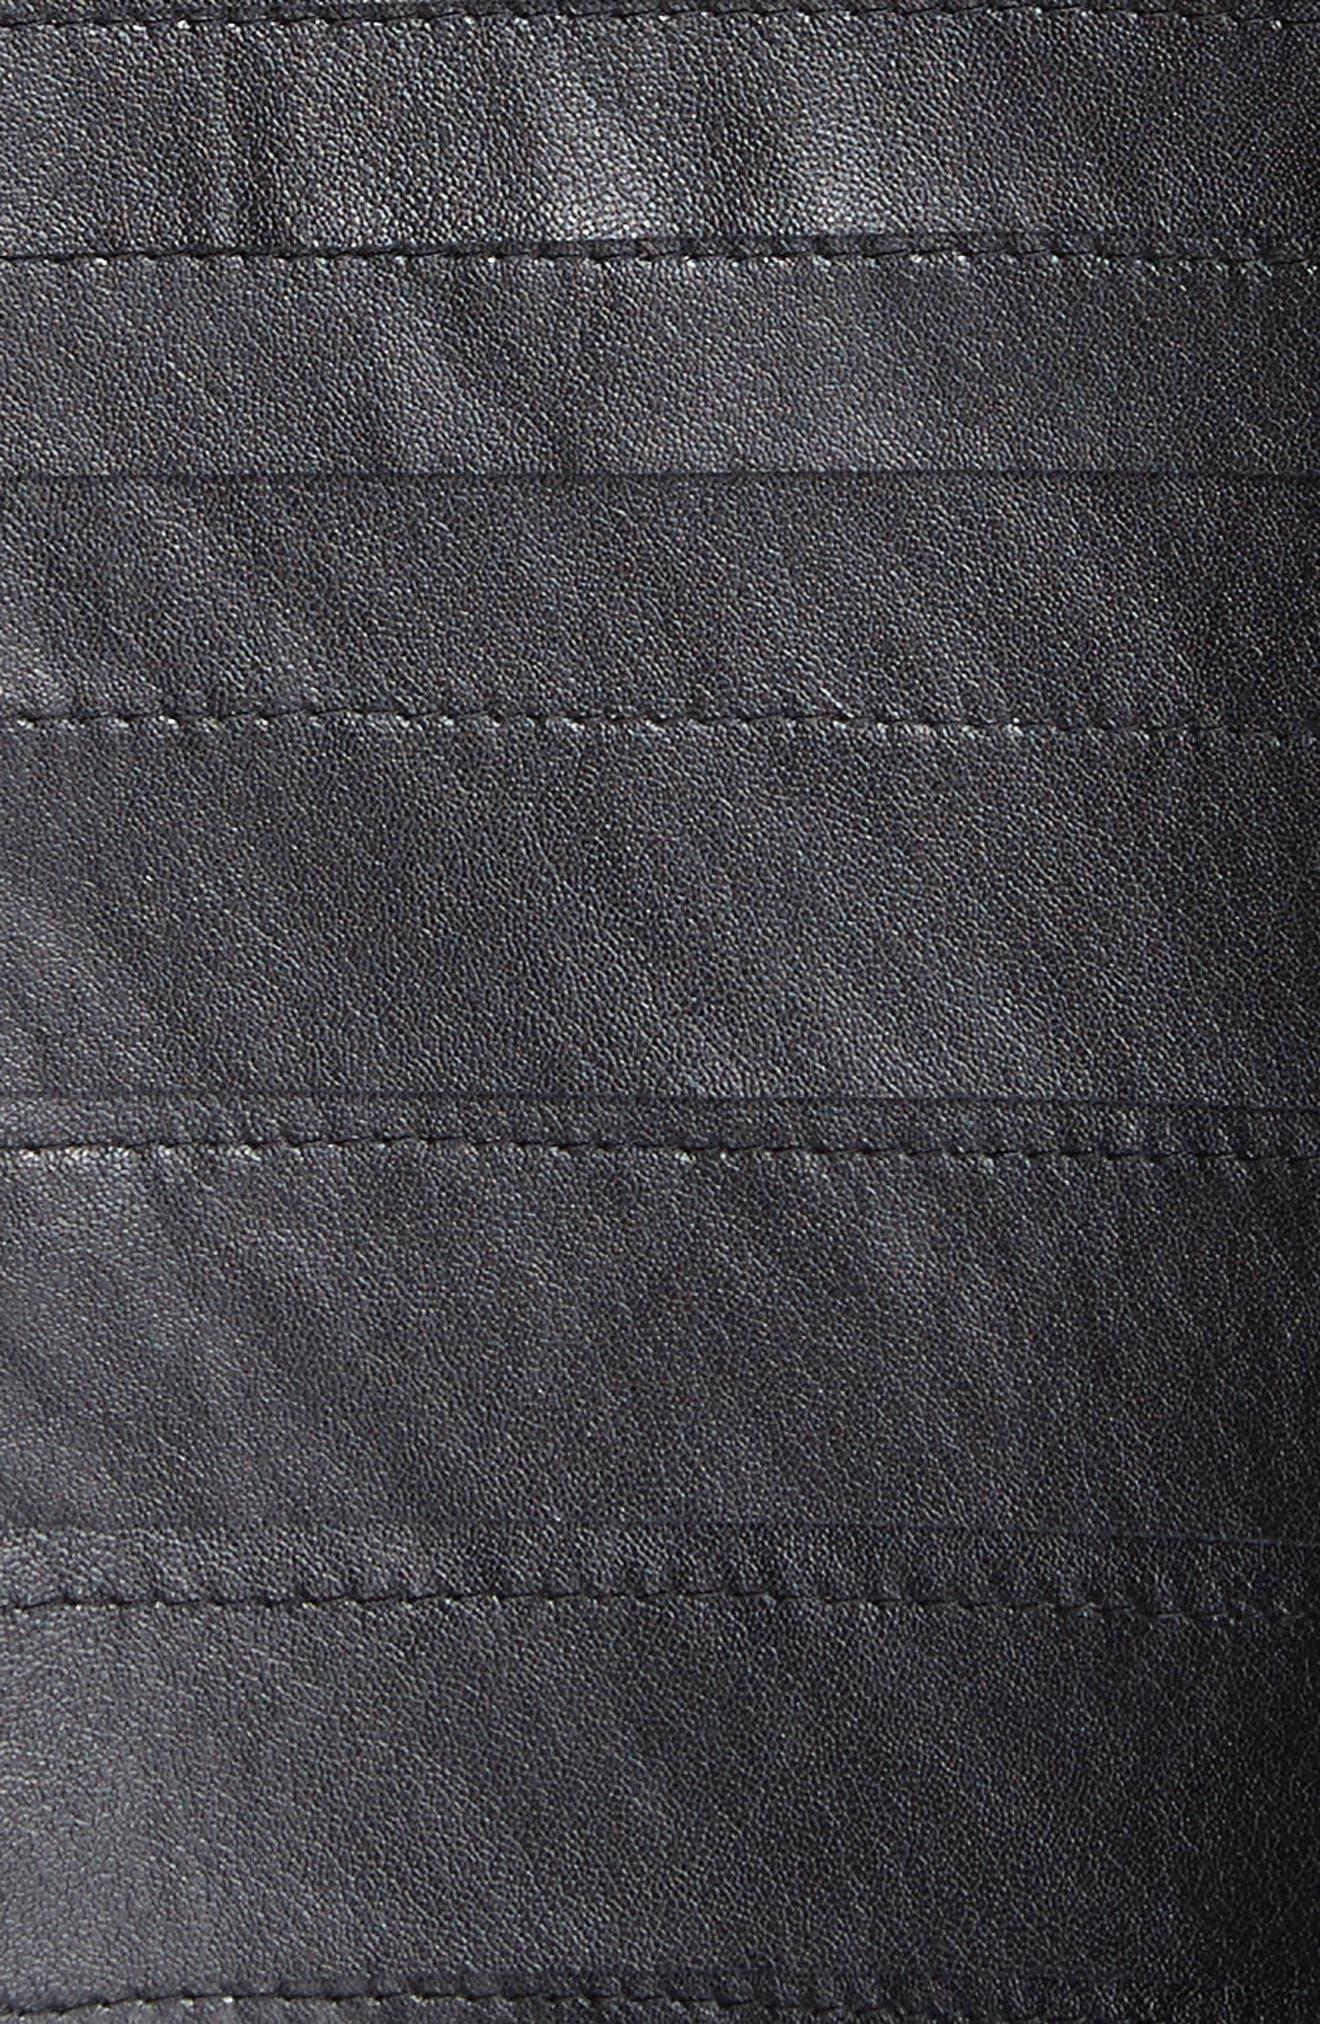 Ribbon Faux Leather Jacket,                             Alternate thumbnail 6, color,                             Black